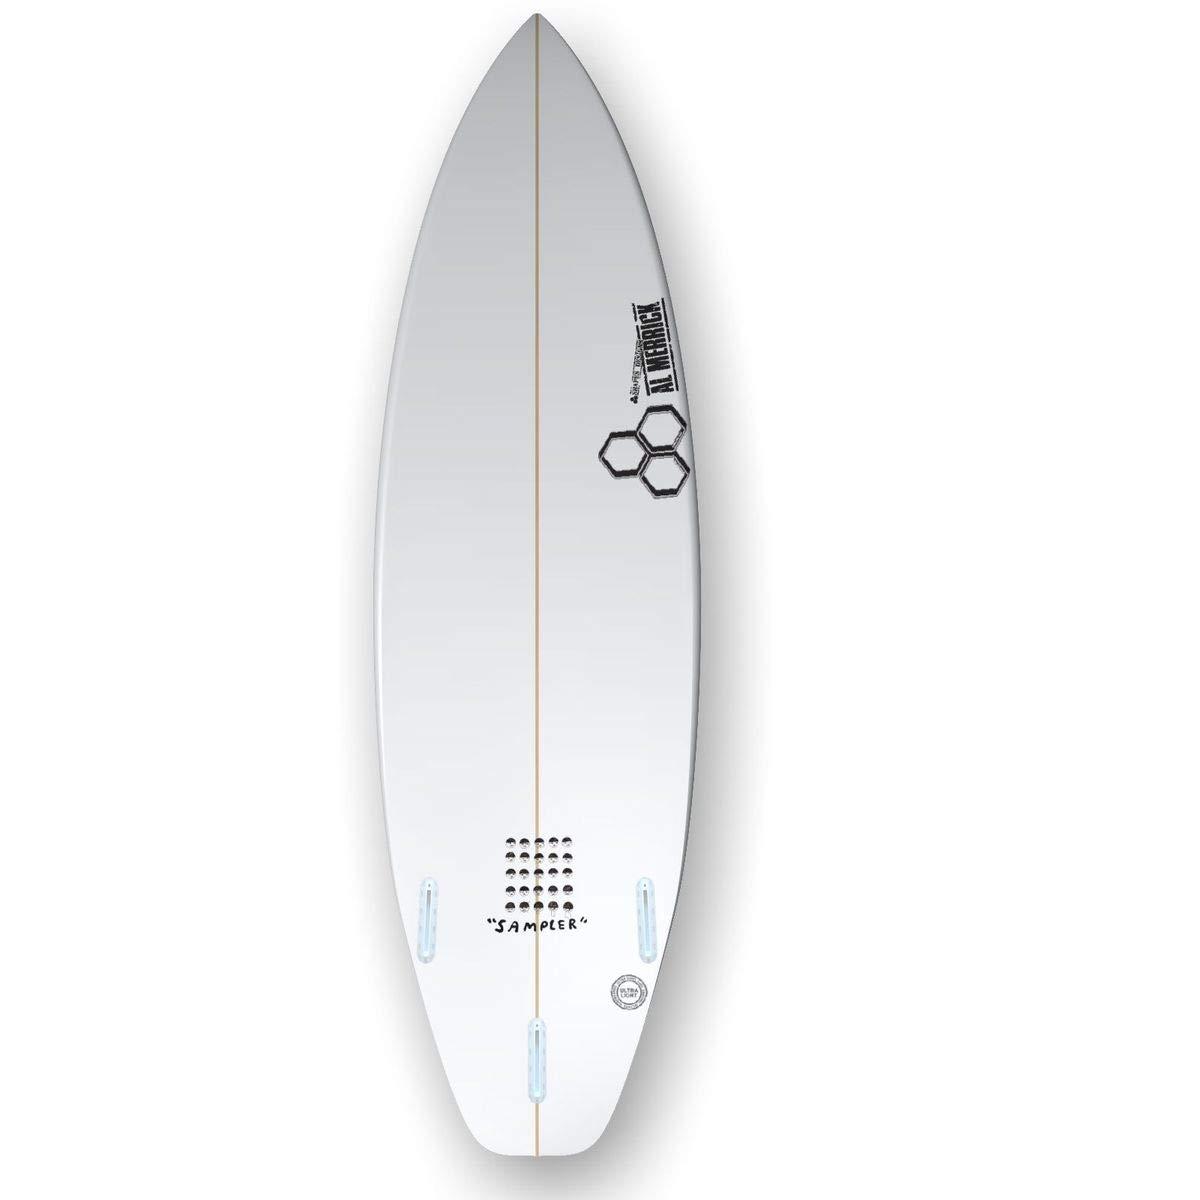 Channel Islands Tabla de Surf Sampler 6.0: Amazon.es: Deportes y aire libre